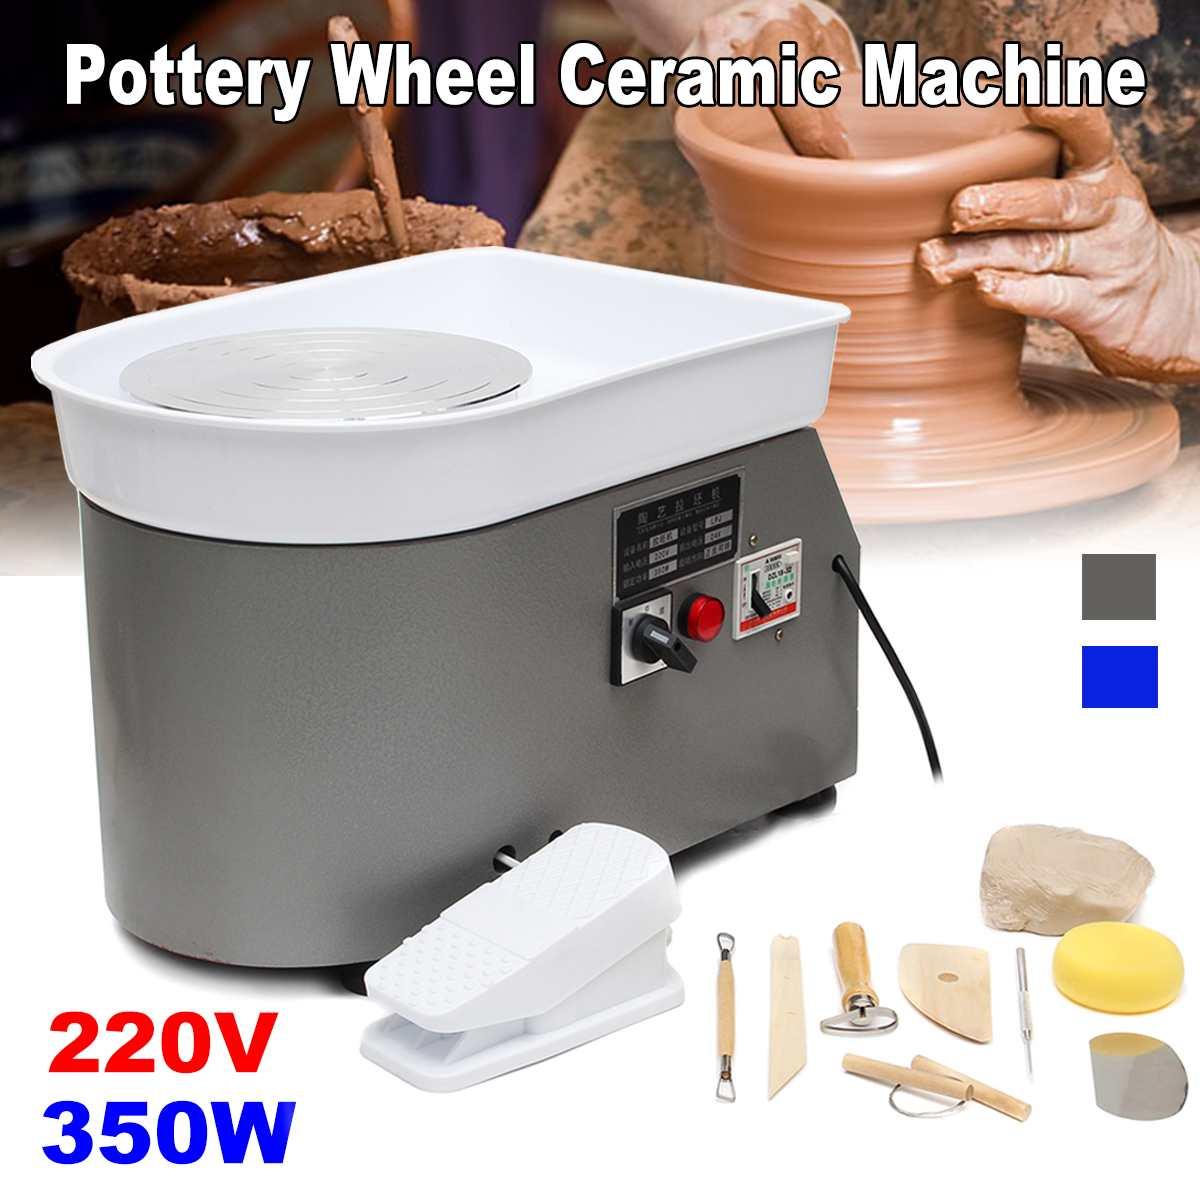 Poterie Formant La Machine 220 V 350 W Électrique Tour De Potier argile pour travaux pratiques Outil avec Plateau Flexible Pied Pédale Pour Travail En Céramique céramique